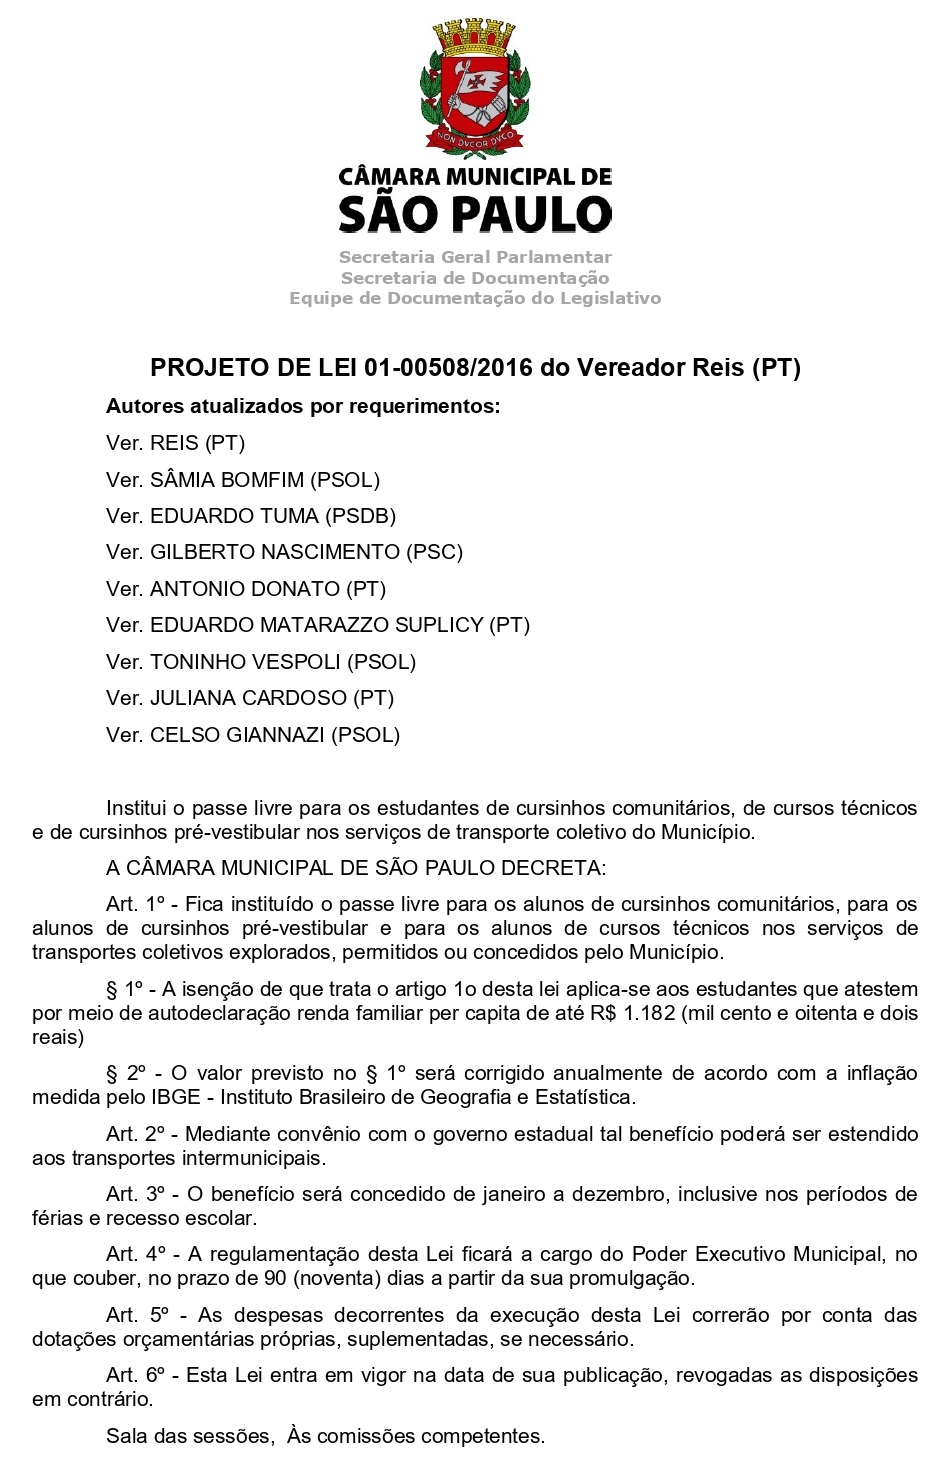 PL0508-2016_cursinhos.jpg